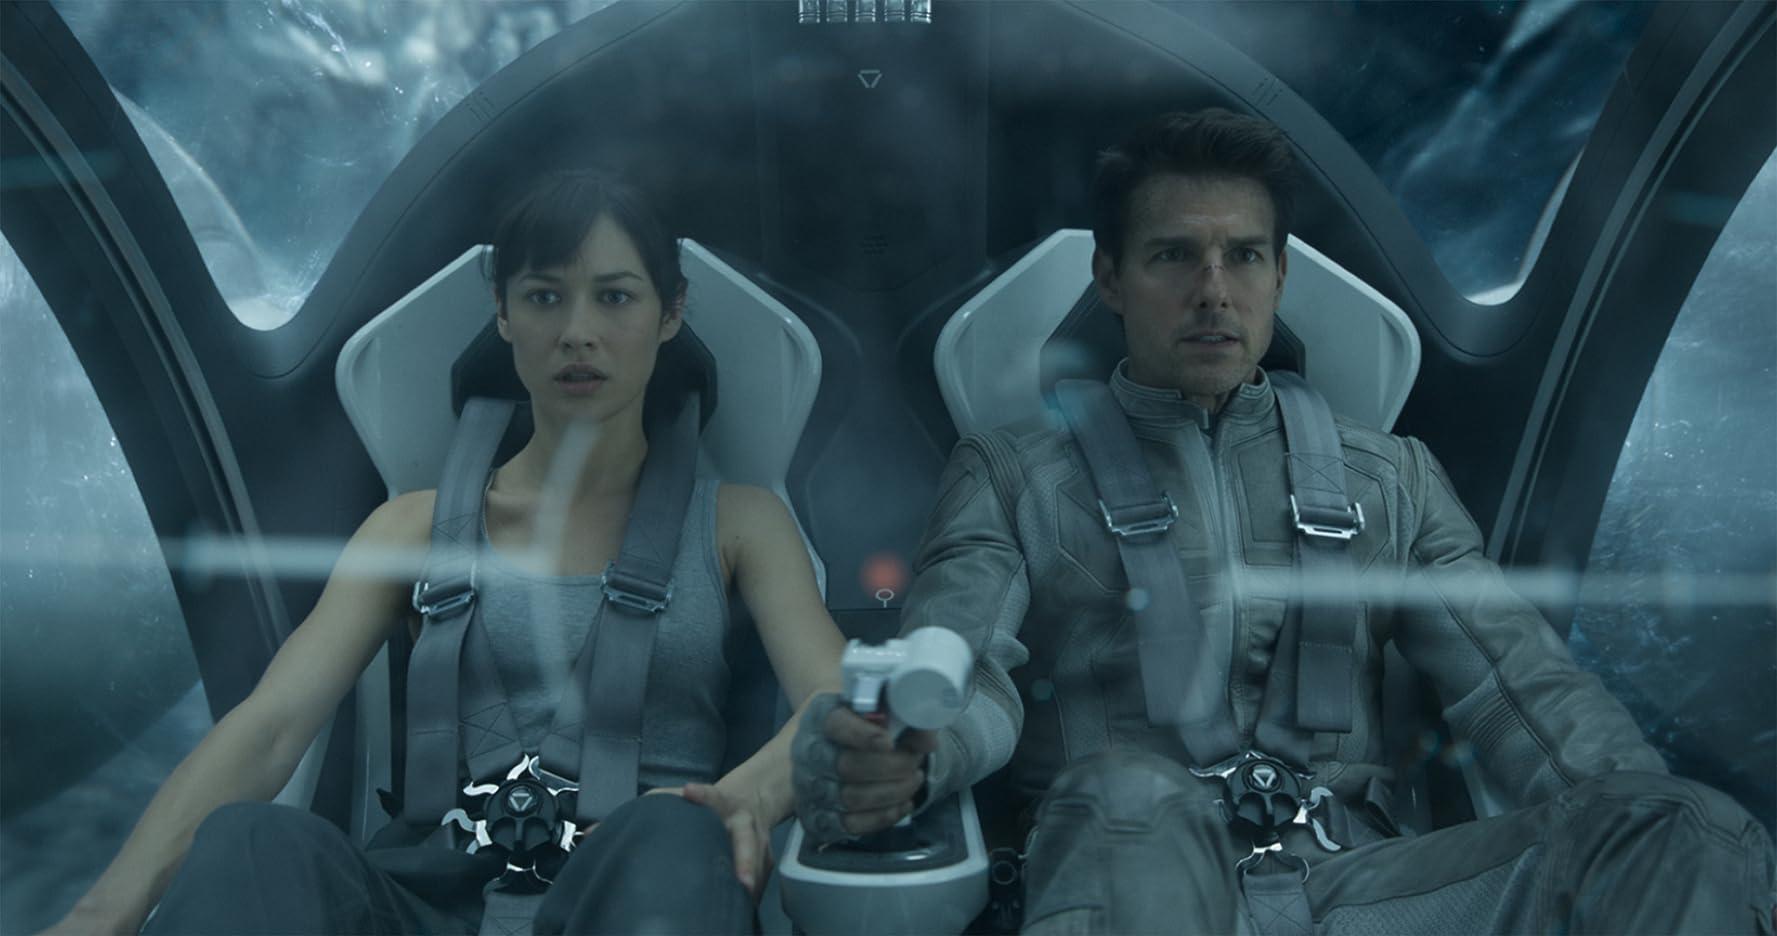 Film Oblivion (2013)